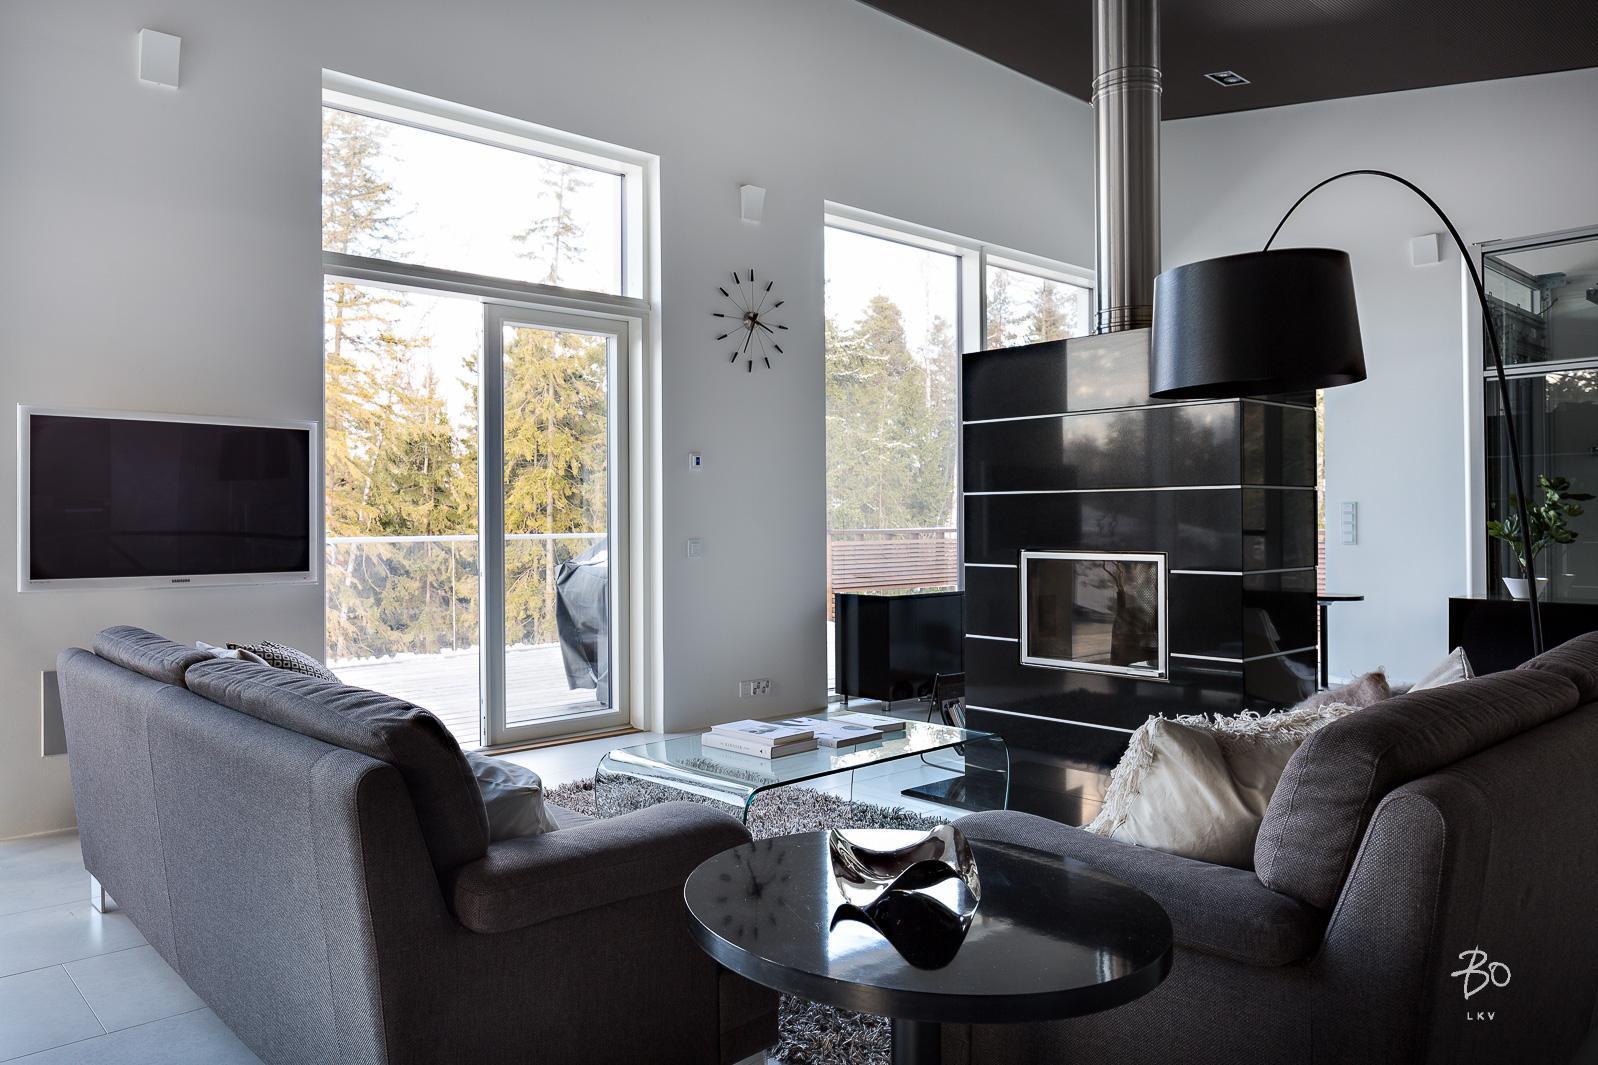 Moderni olohuone mustalla takalla  Etuovi com Ideat & vinkit